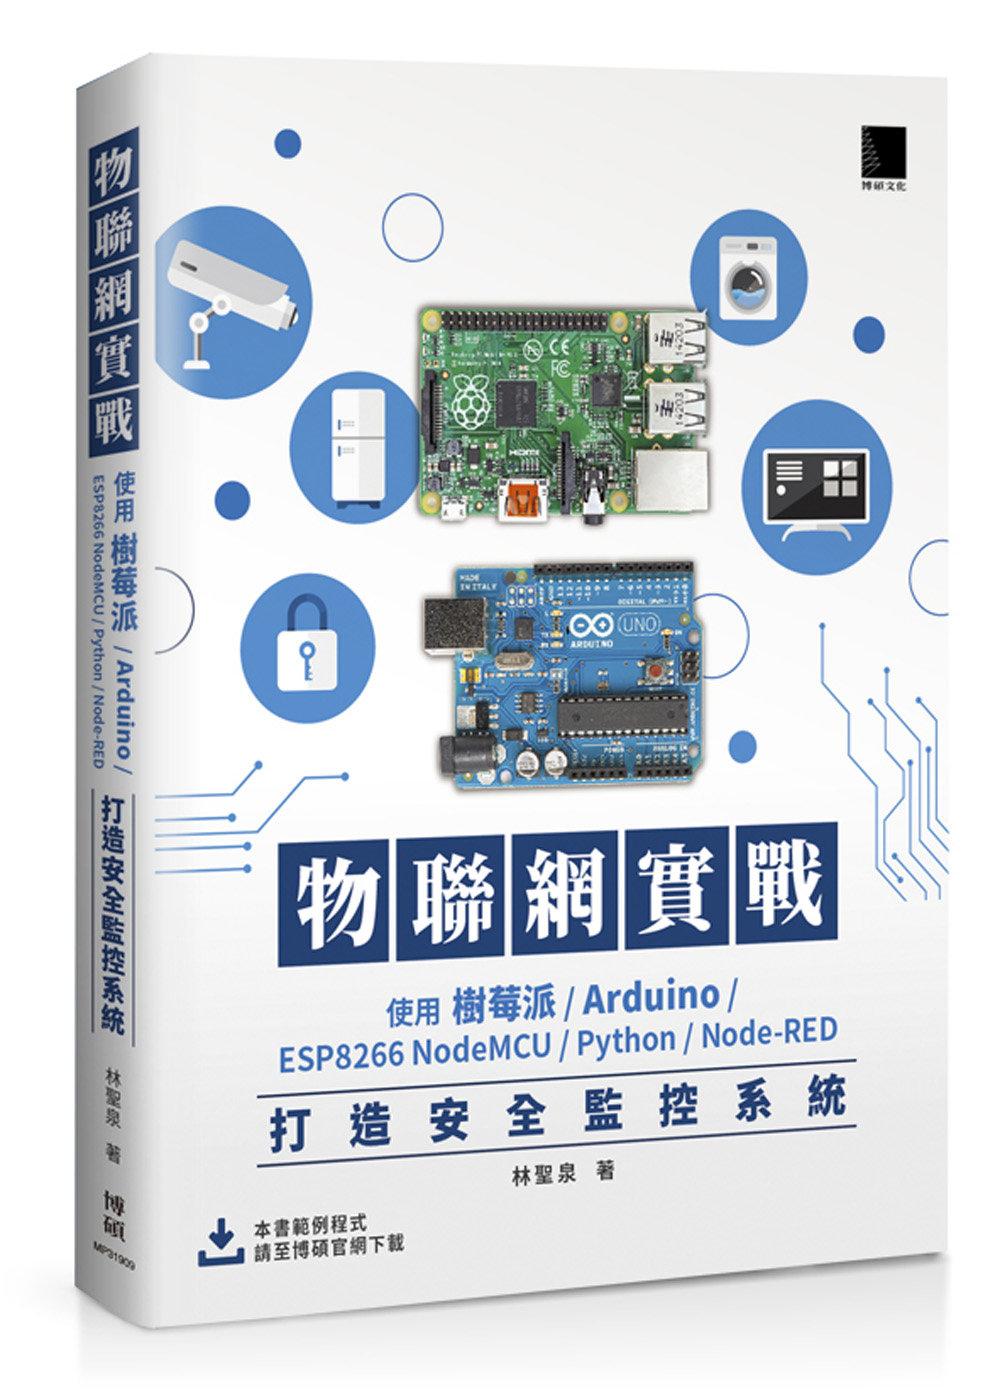 物聯網實戰:使用樹莓派 /Arduino/ESP8266 NodeMCU/Python/Node-RED 打造安全監控系統-preview-1